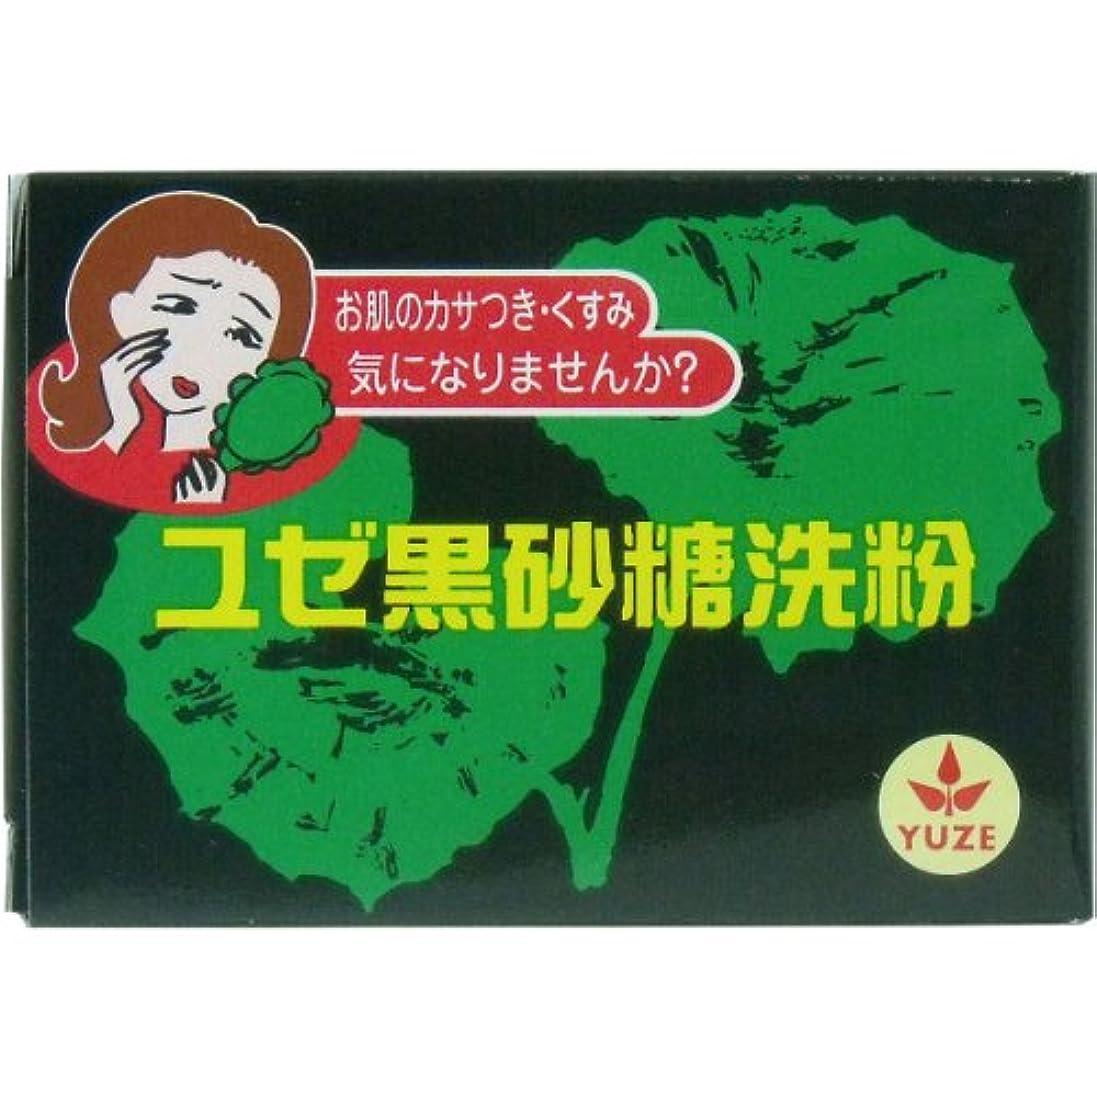 順番サンダー寝具【まとめ買い】ユゼ 黒砂糖洗粉 75g ×2セット